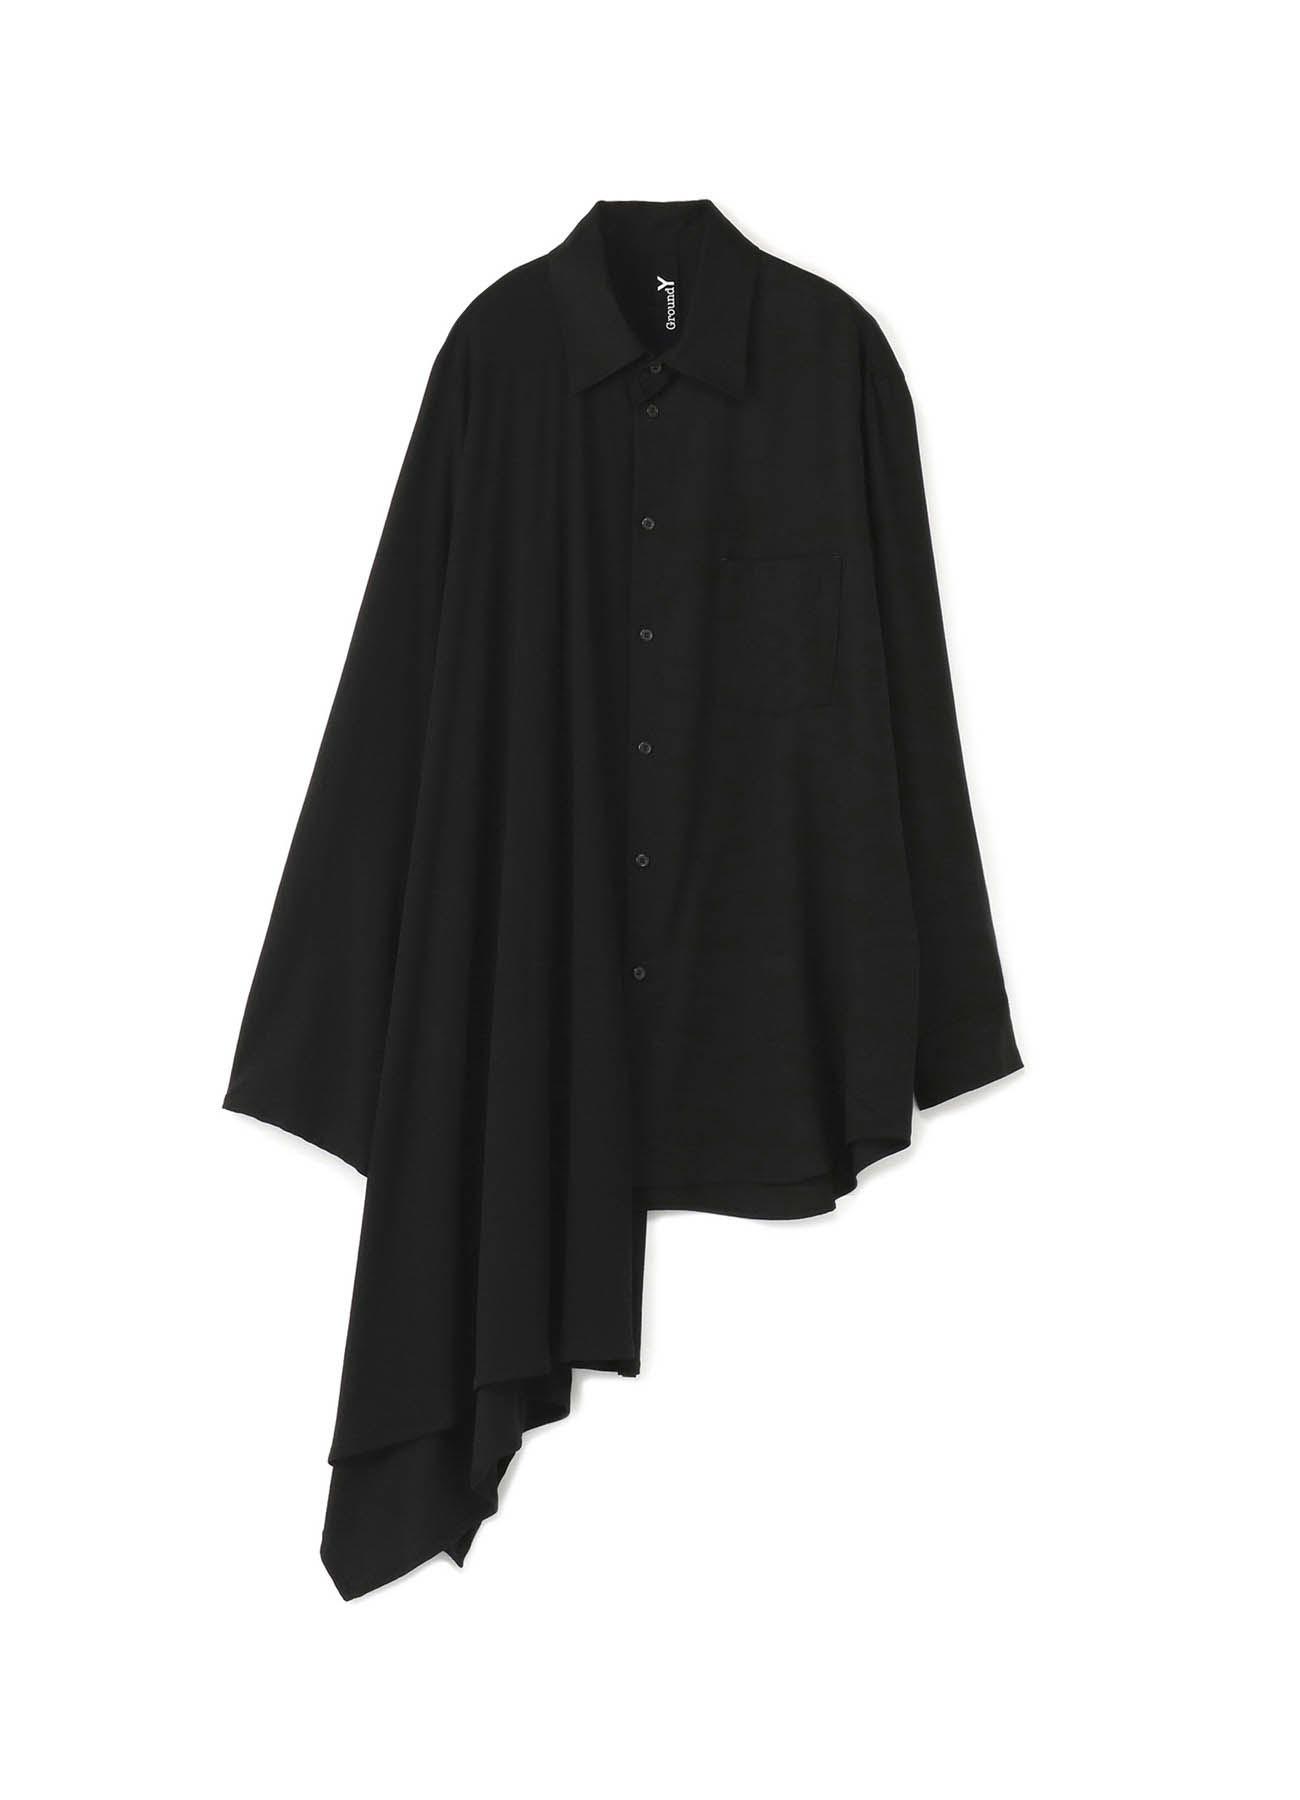 テンセルバーバリー+テクノラマ天竺 マントドッキングシャツ